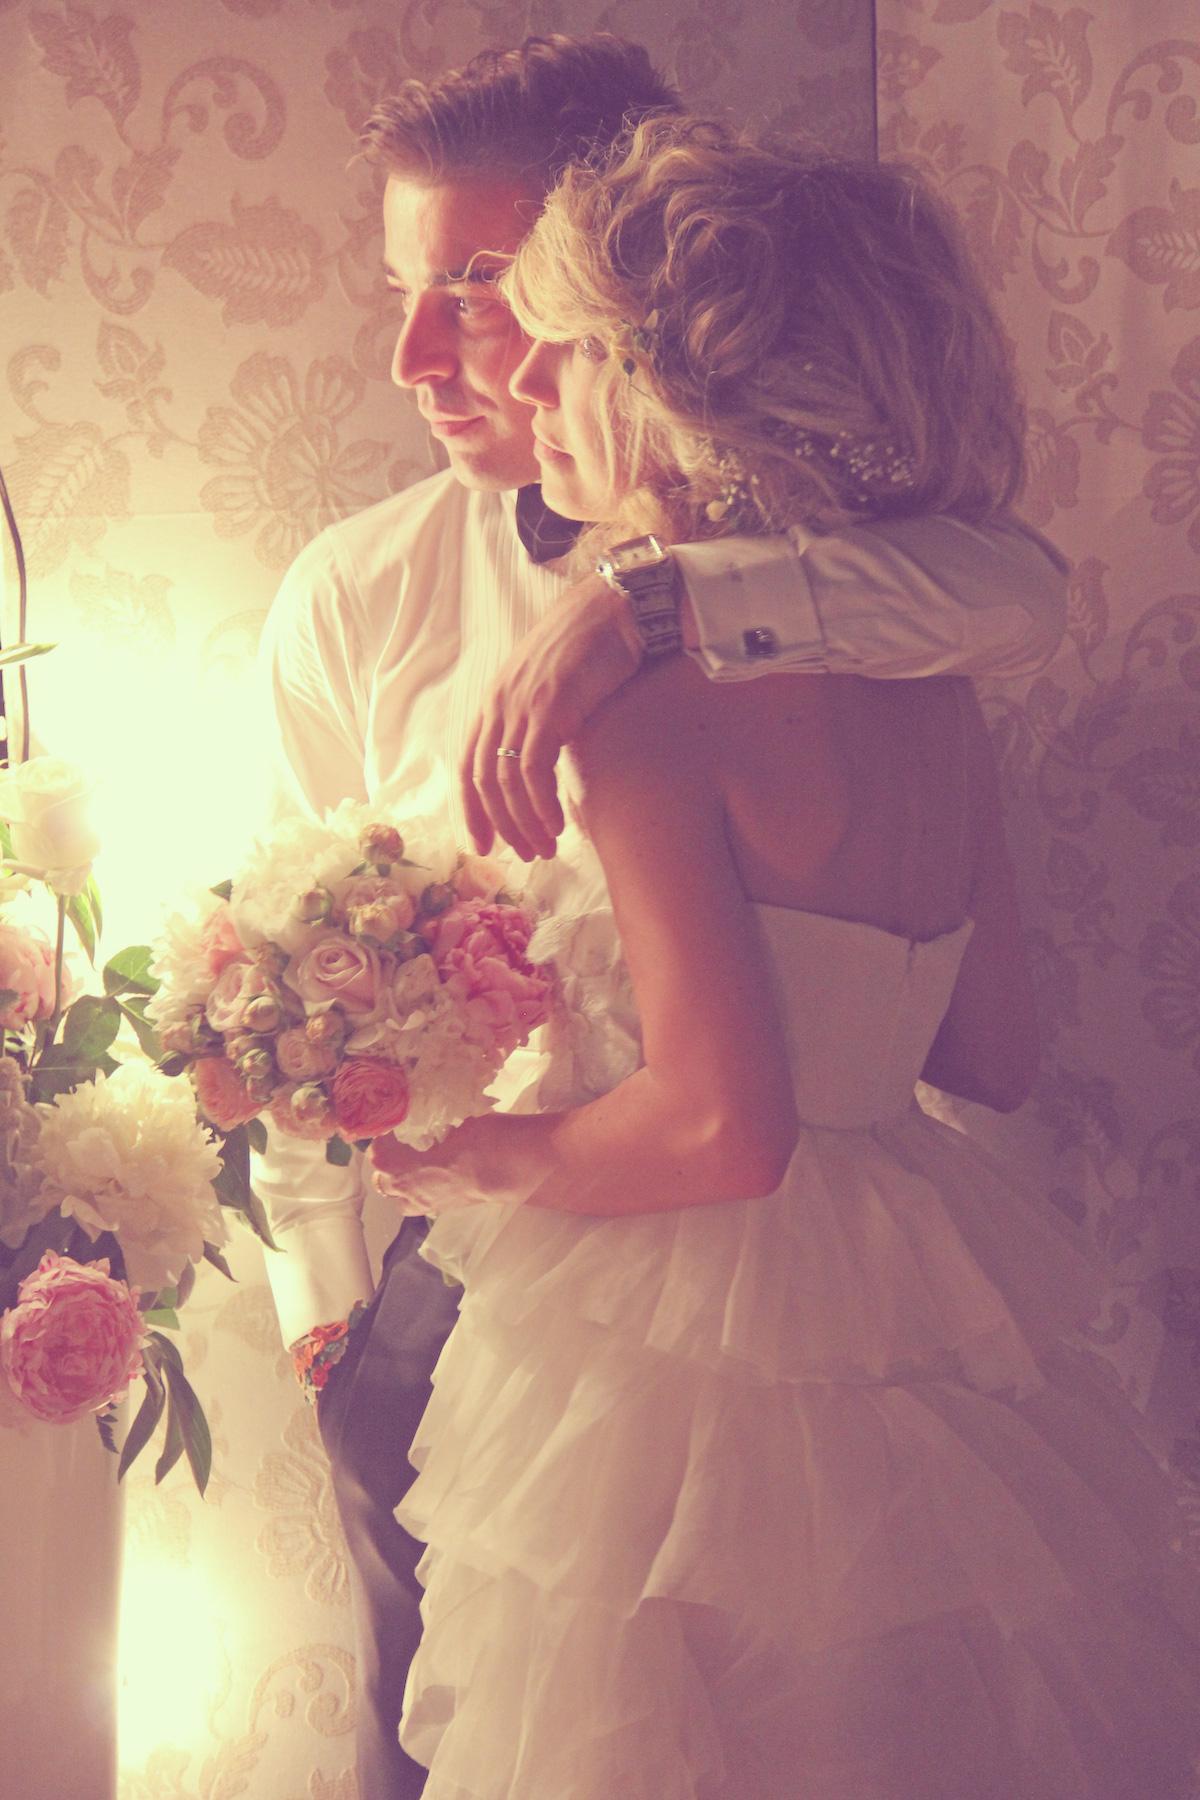 020-all-we-need-is-love-wedding-lake-garda